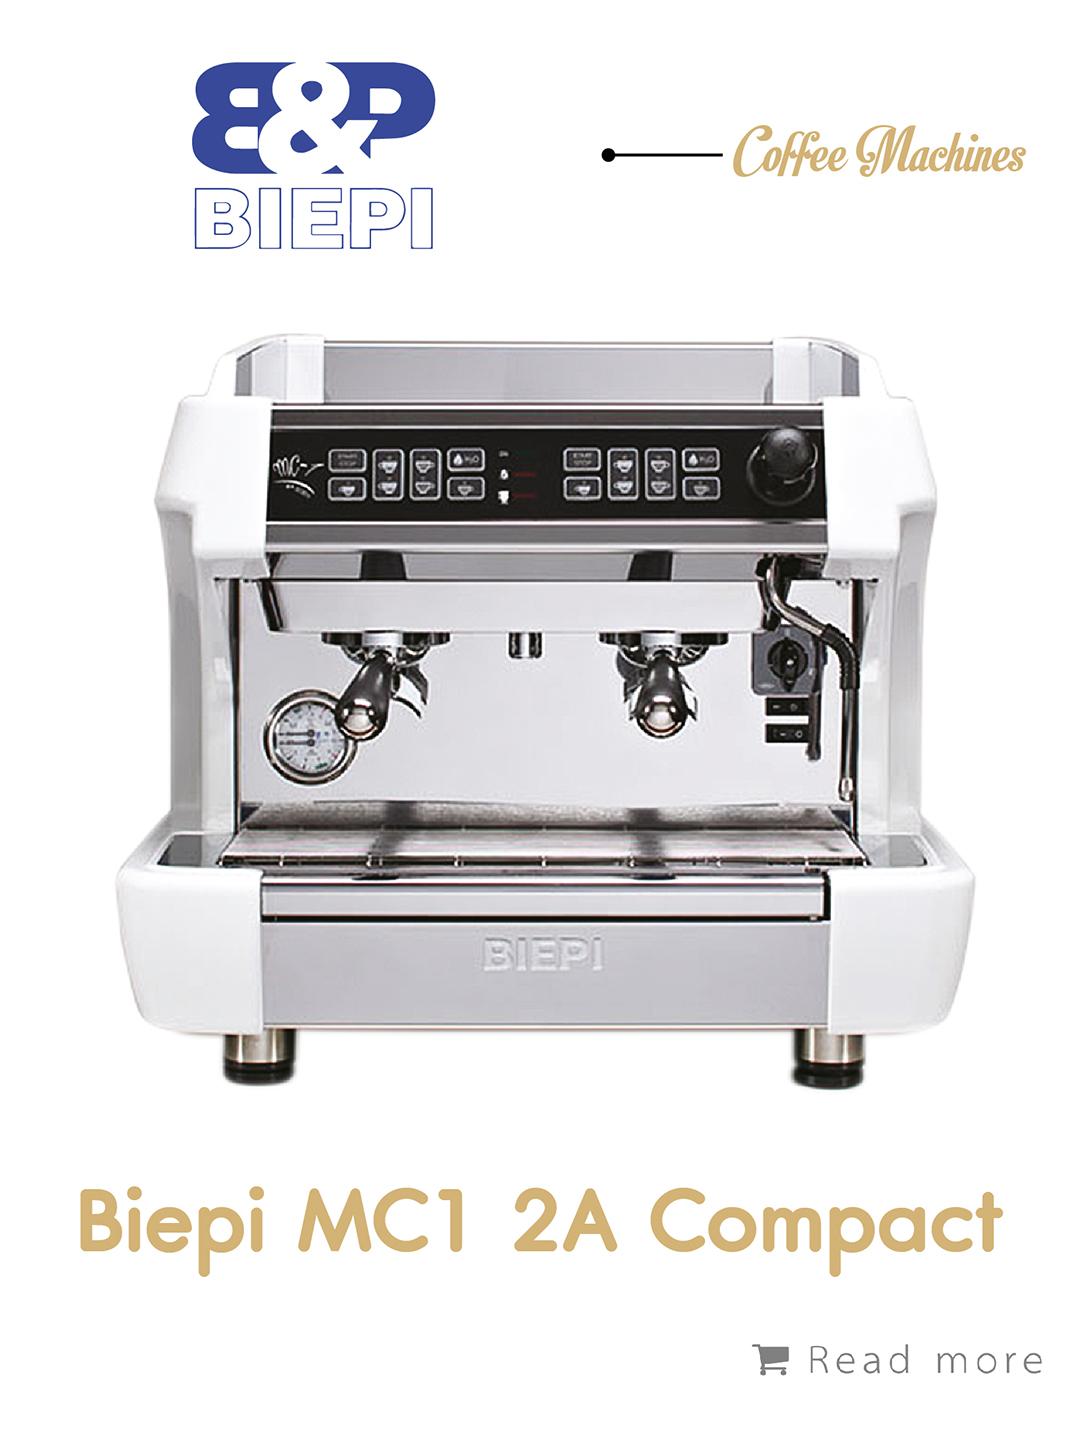 เครื่องชงกาแฟ Biepi 2A COMPACK,เครื่องชงกาแฟ, เรียนชงกาแฟ, สอนชงกาแฟ, อุปกรณ์ร้านกาแฟ, กาแฟคั่ว, ซ่อมเครื่องชงกาแฟ, ขายเครื่องชงกาแฟ, จำหน่ายเมล็ดกาแฟคั่ว, ขายเมล็ดกาแฟคั่ว, จำหน่ายเมล็ดกาแฟสาร, ขายเมล็ดกาแฟสาร, เมล็ดกาแฟคั่ว, เมล็ดกาแฟสาร, อุปกรณ์สำหรับเปิดร้านกาแฟ , เปิดสอนฝึกอบรมการชงกาแฟที่ถูกต้อง , รับจ้างโปรเซสกาแฟ, คั่วกาแฟด้วยเครื่องจักรอันทันสมัย